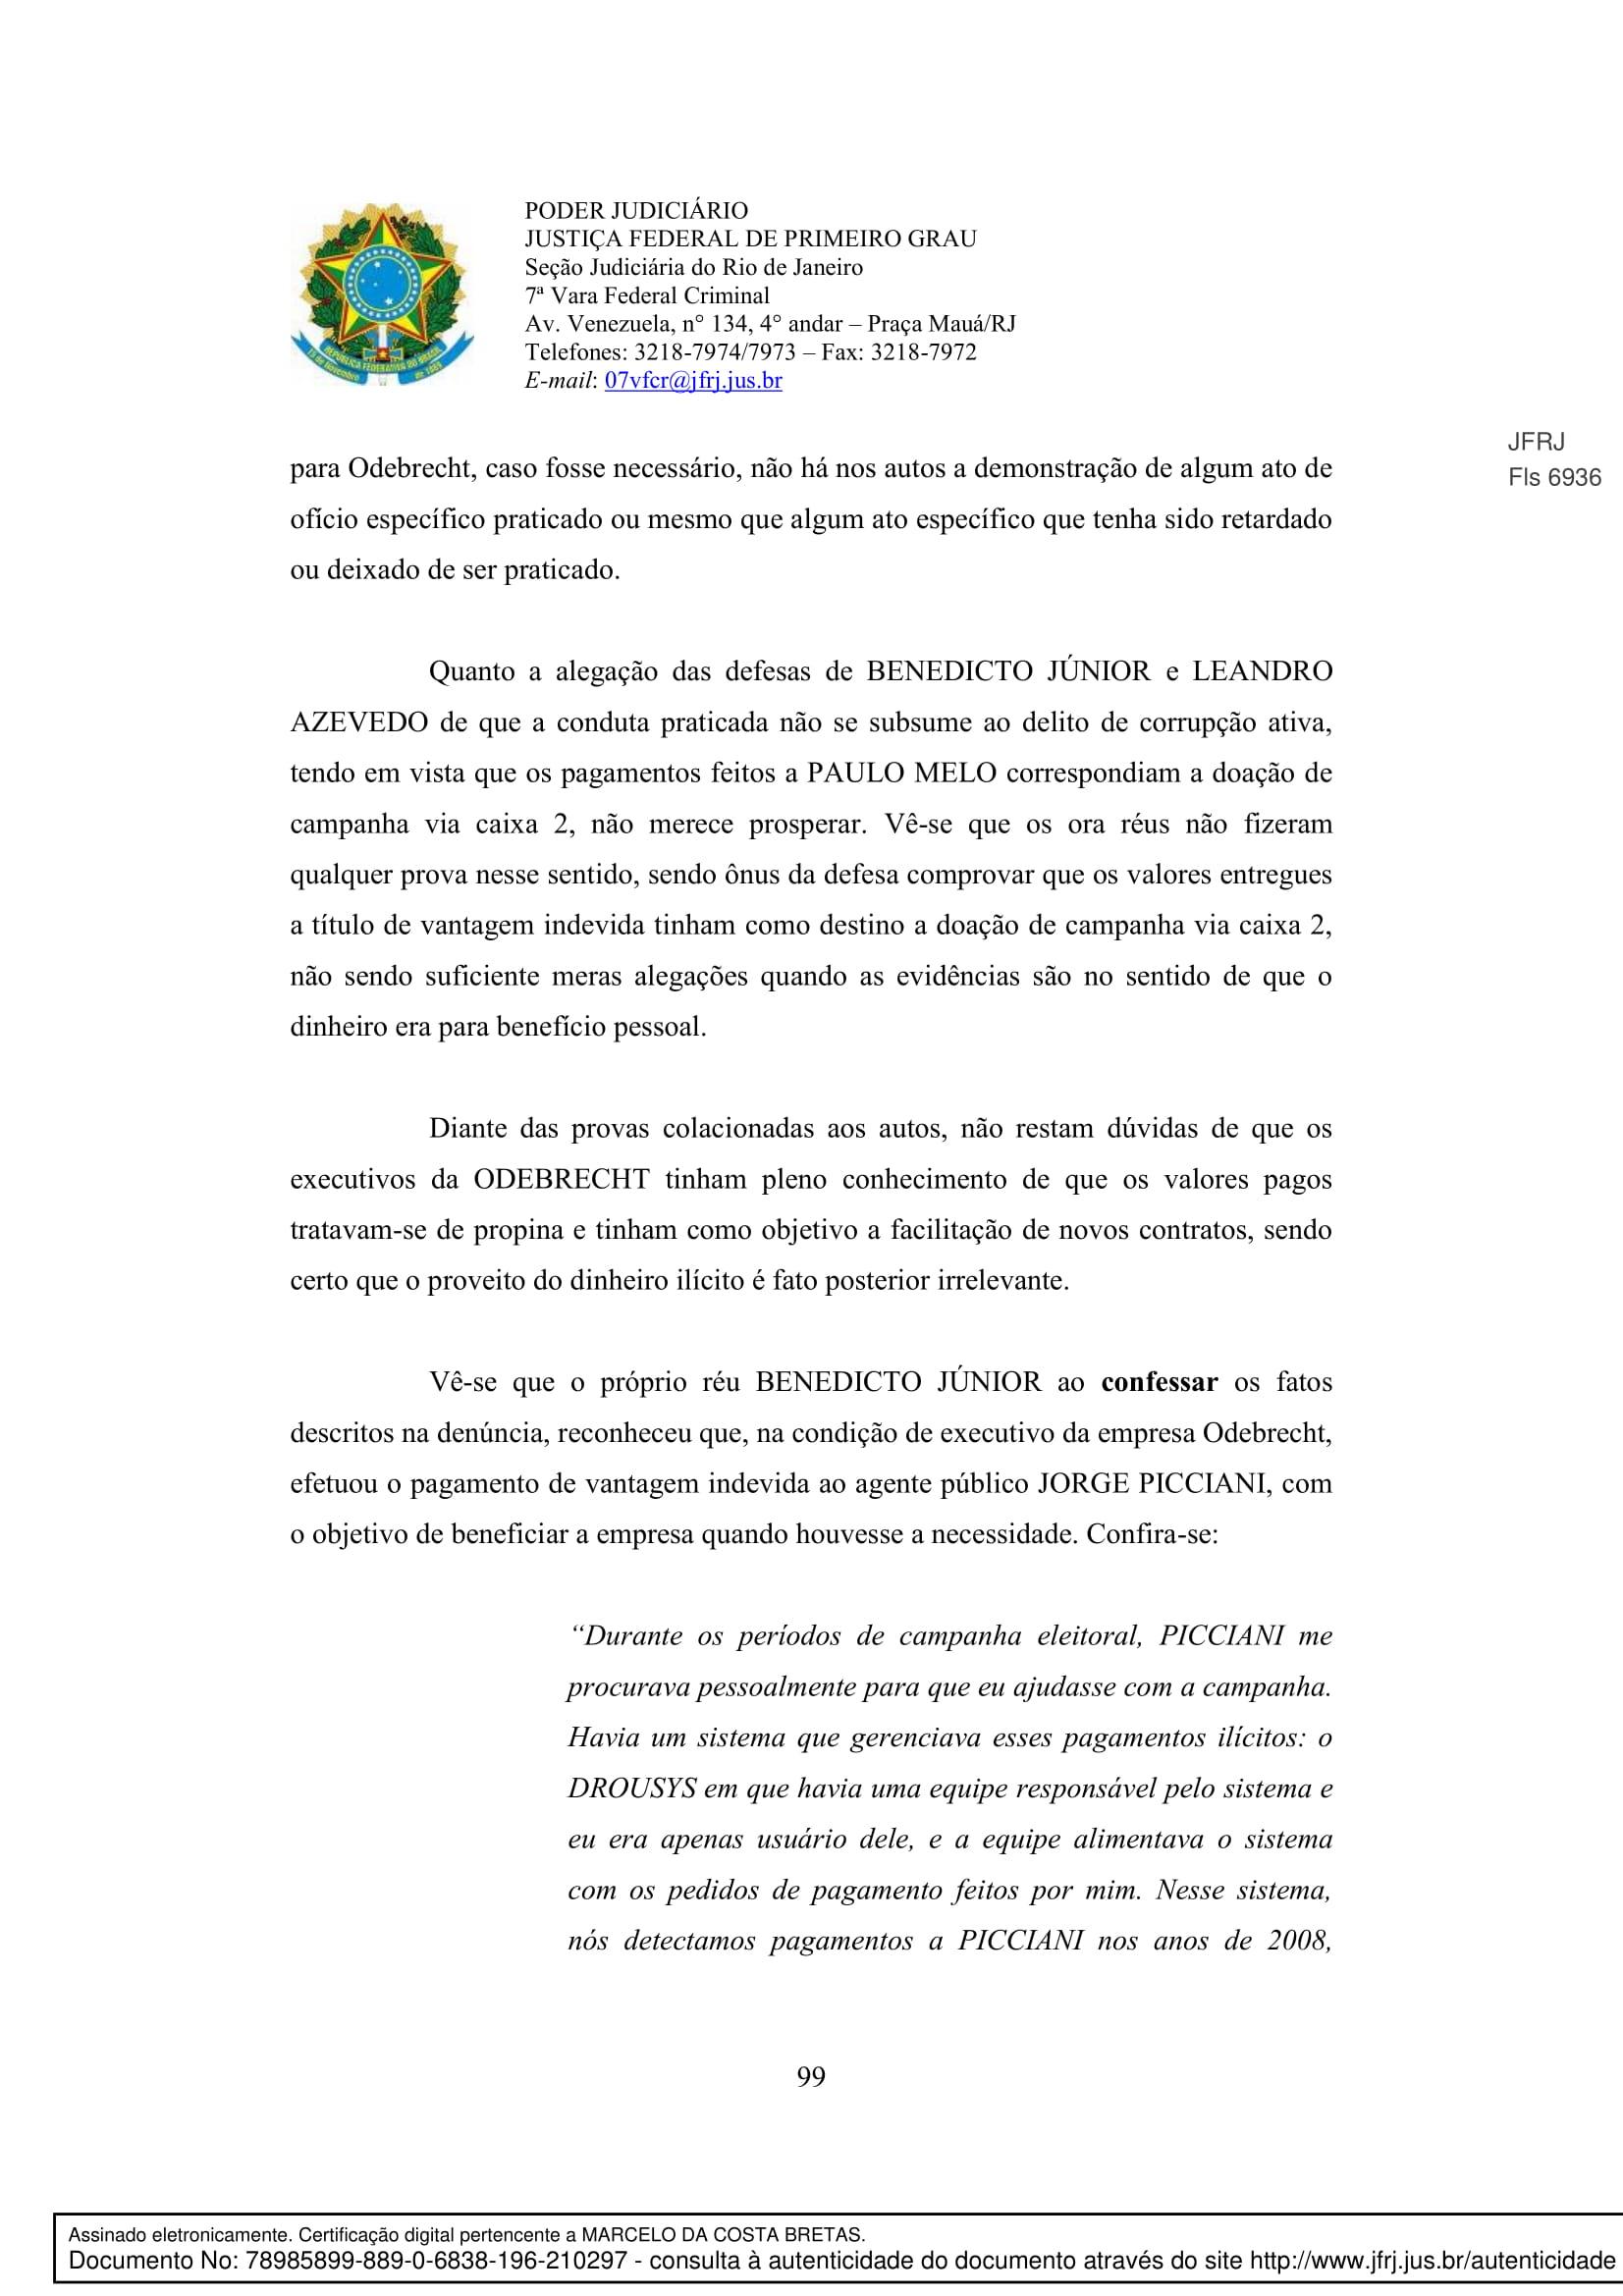 Sentenca-Cadeia-Velha-7VFC-099